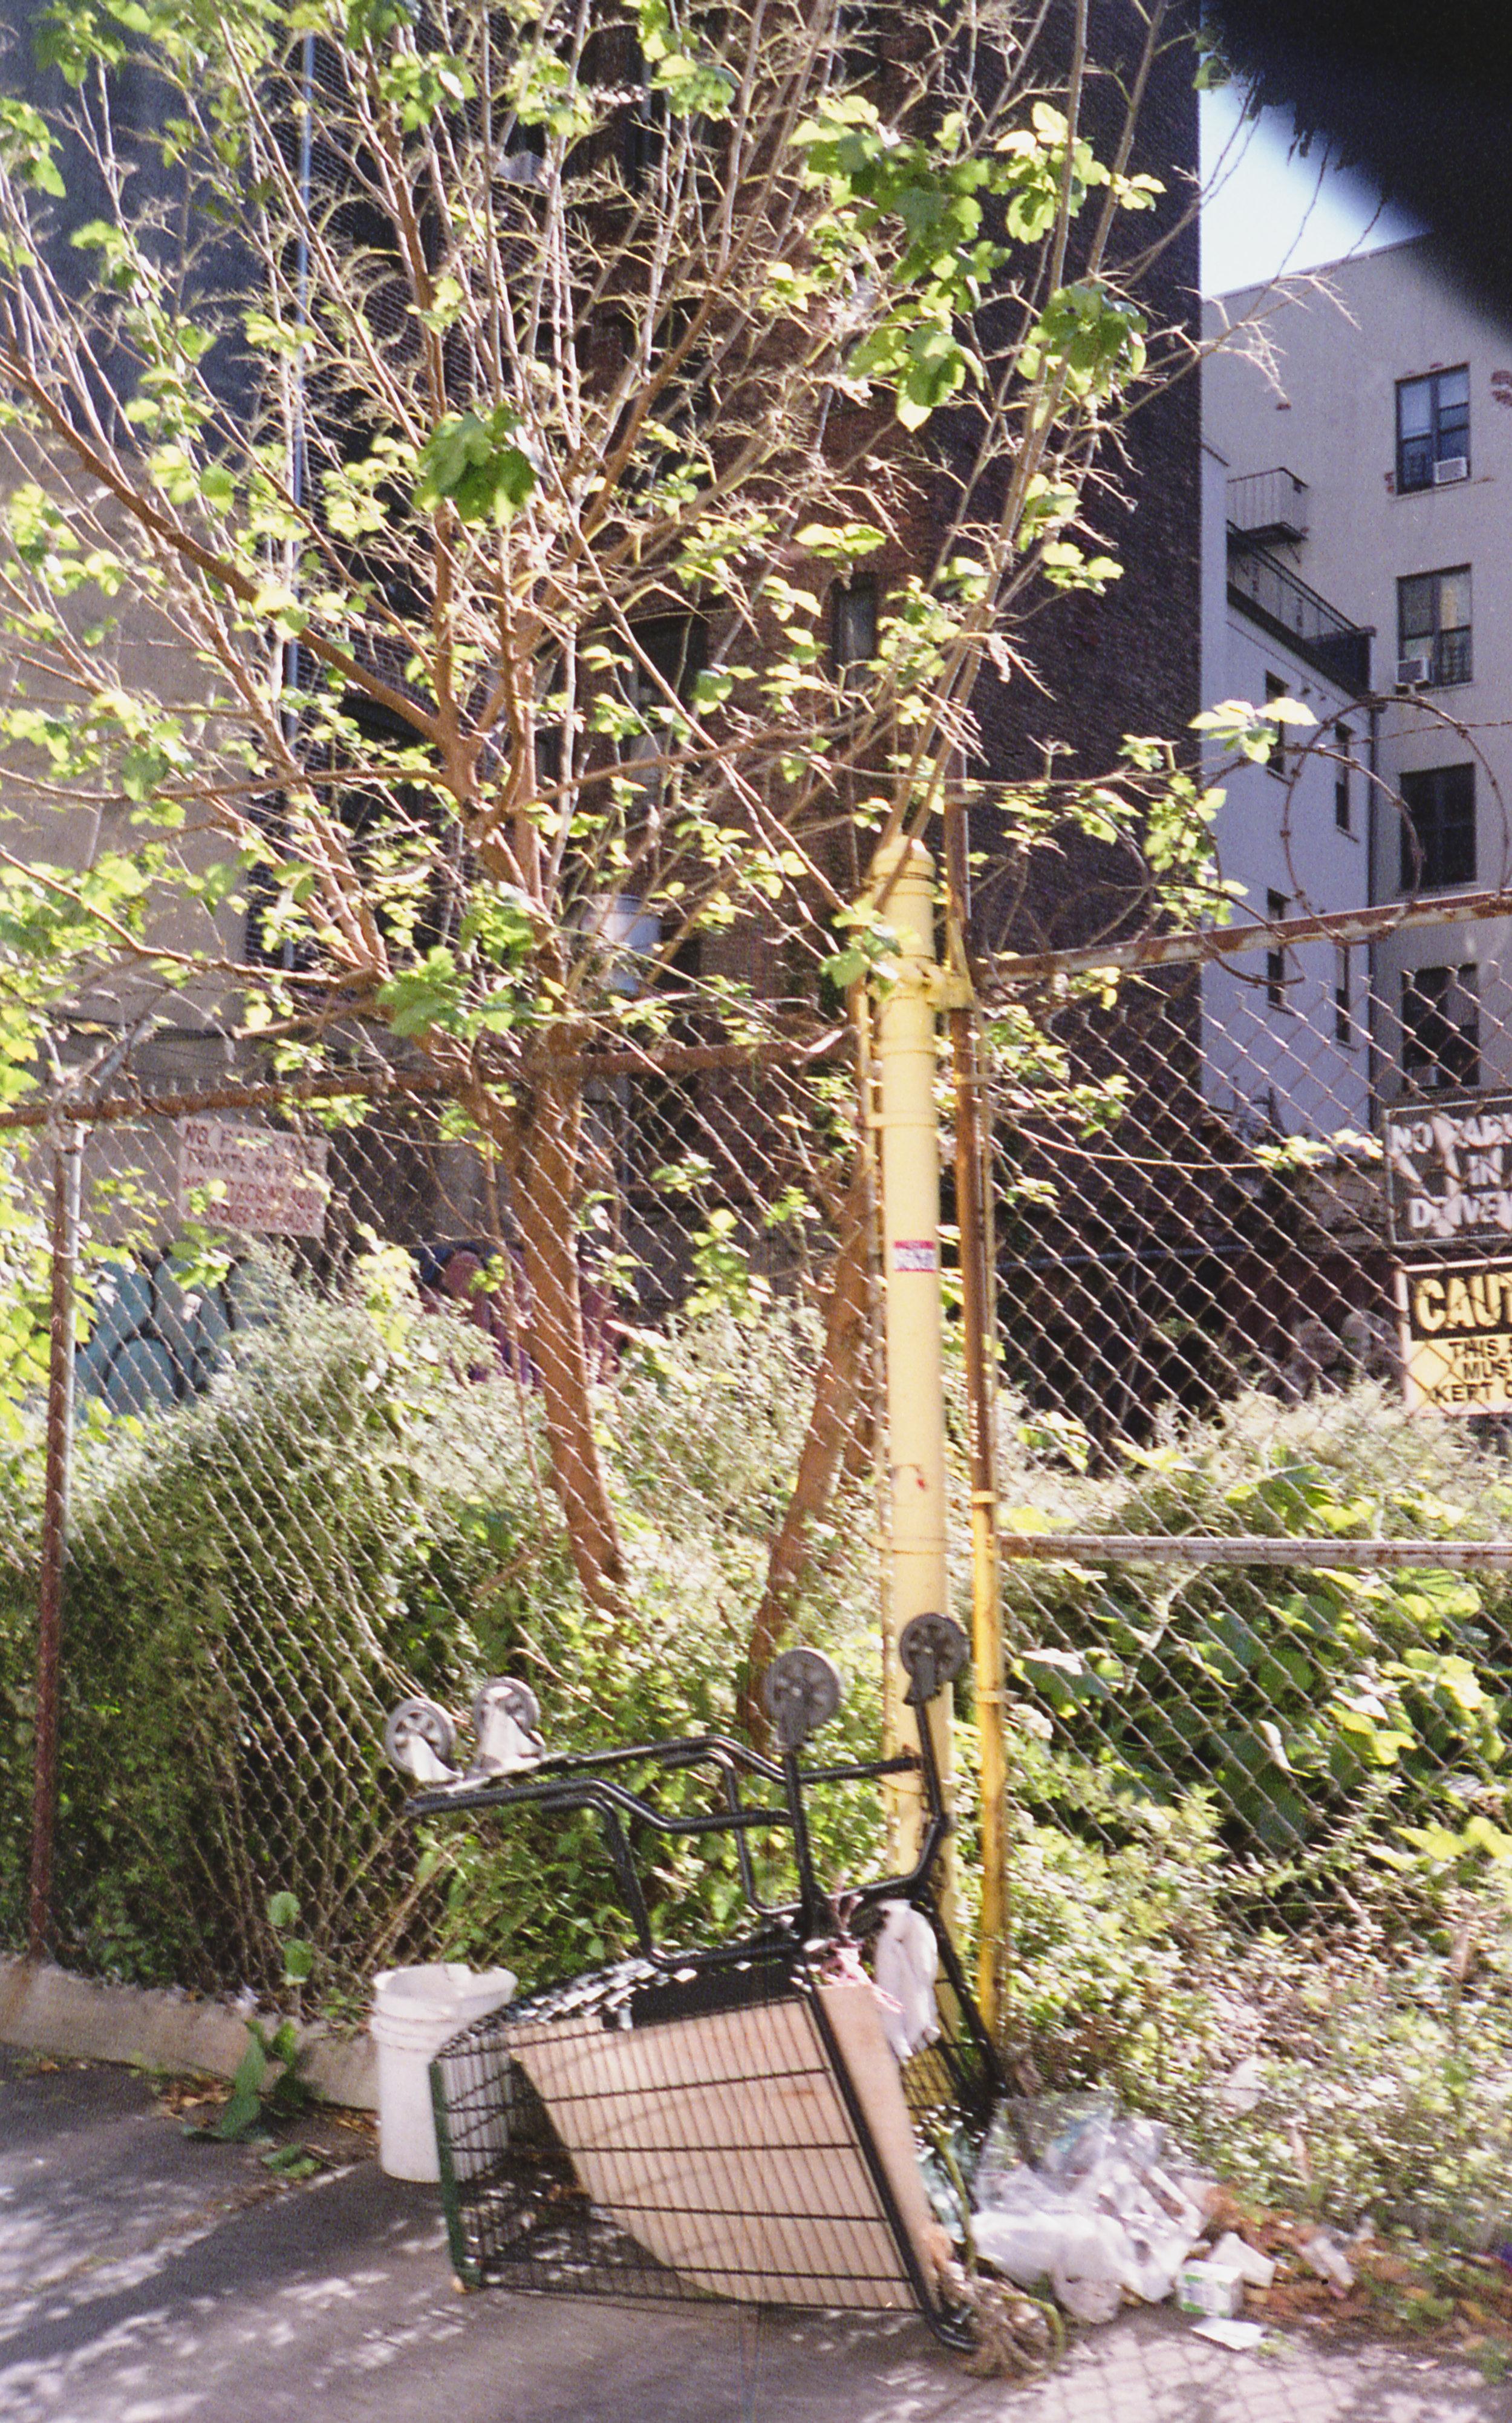 Curriefilm(PRO4FILM)405.jpg